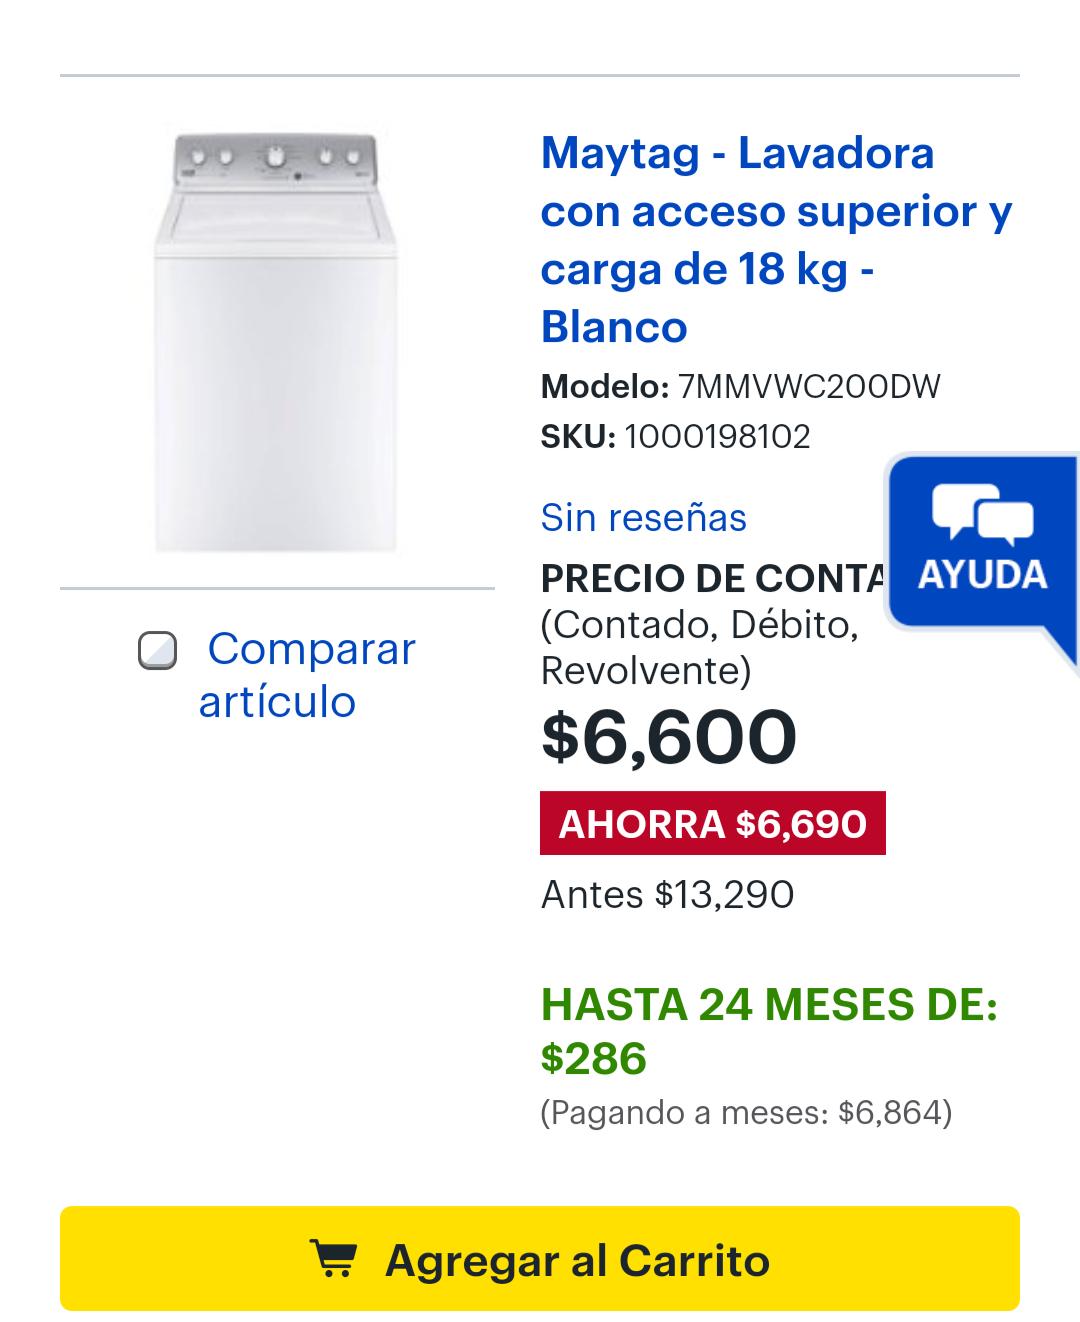 Best buy: Maytag - Lavadora con acceso superior y carga de 18 kg - Blanco